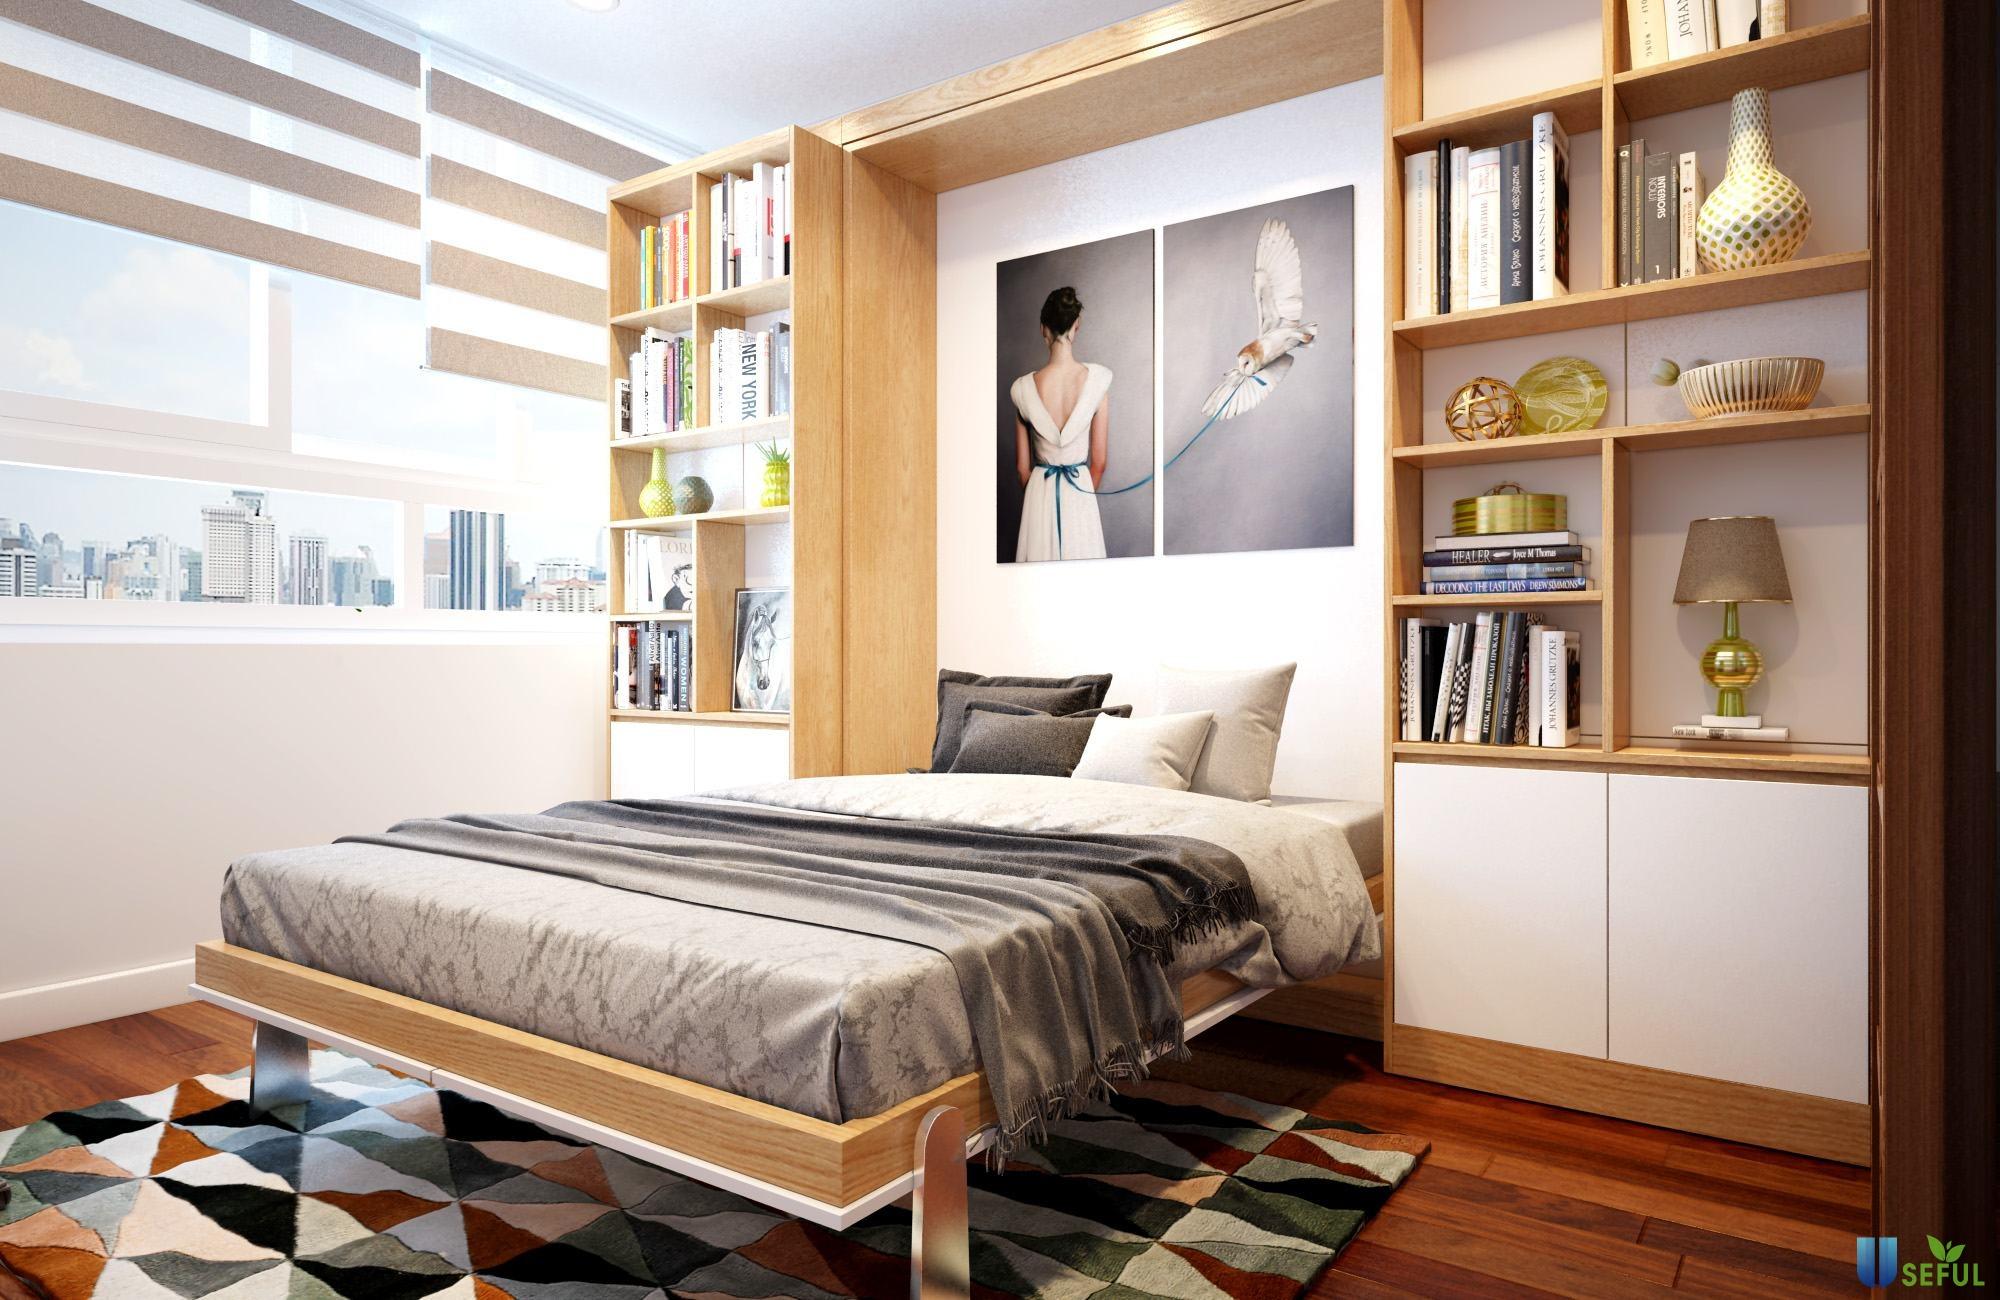 Nội thất thông minh: Xu hướng thiết kế cho ngôi nhà hiện đại - Tạp ...